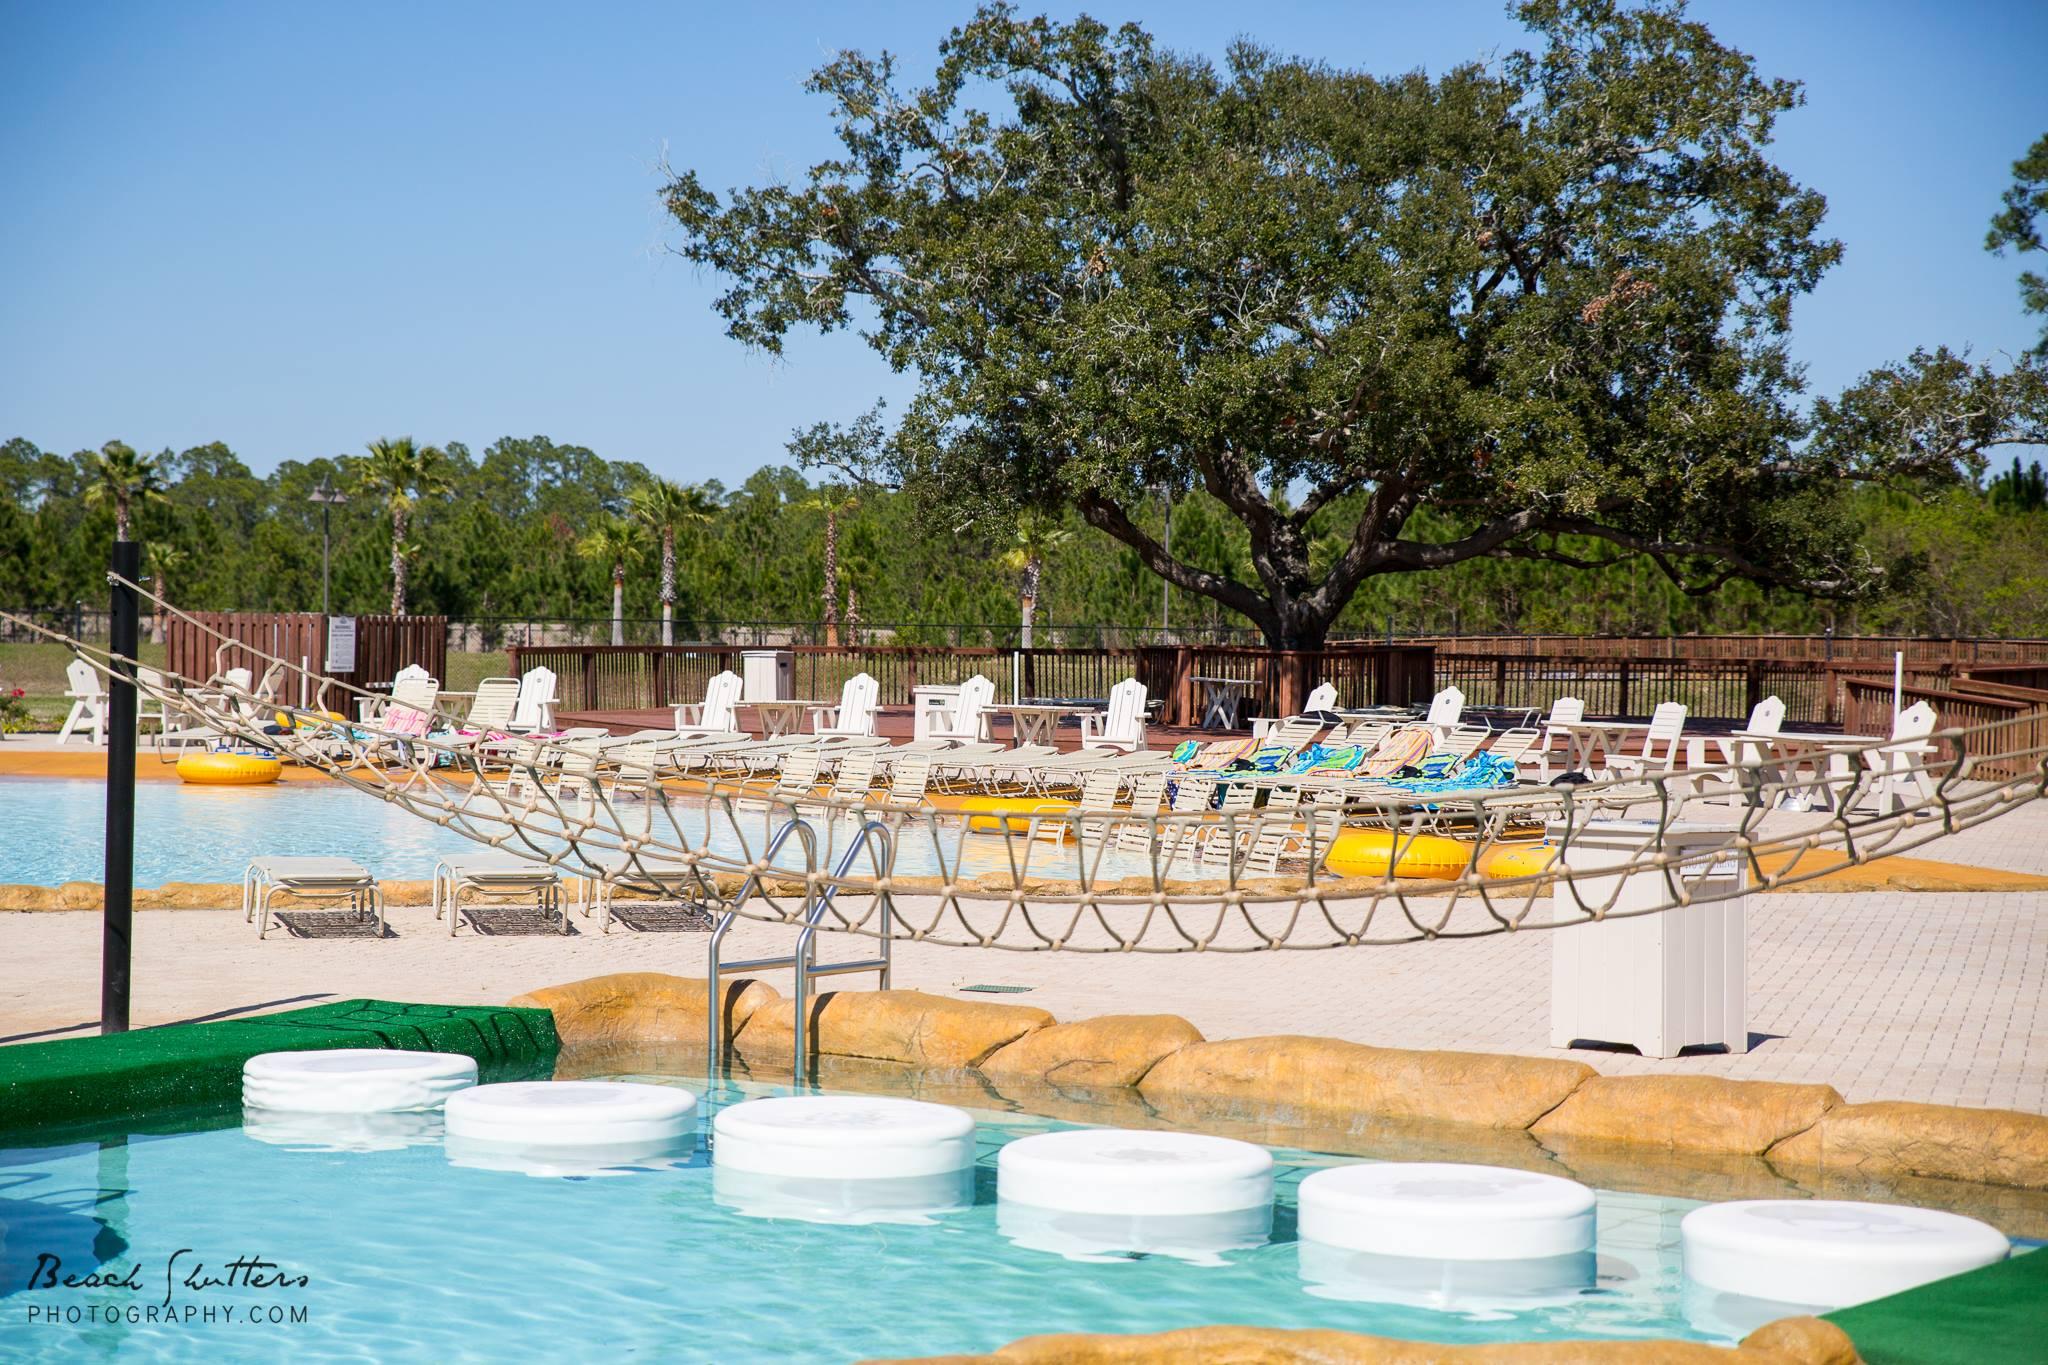 Real Estate photos of condo pool